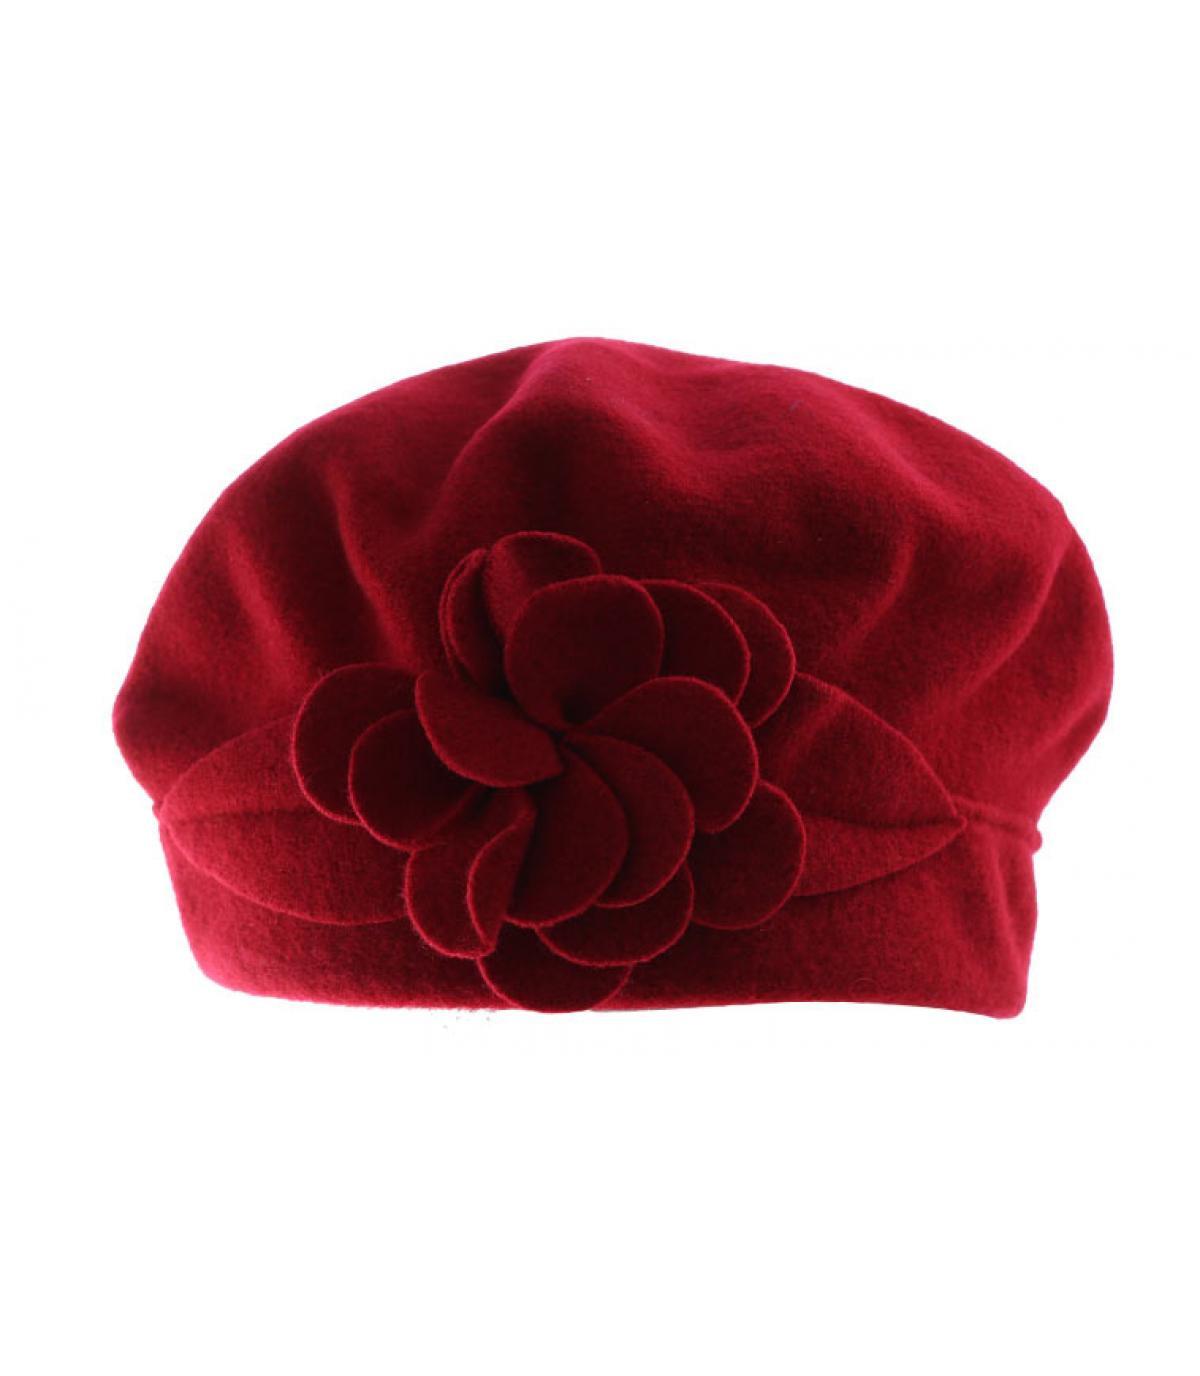 2cc55d2440483 gorro de lana flor roja. Detalles Capucine hermès imagen 3  Detalles  Capucine hermès imagen ...